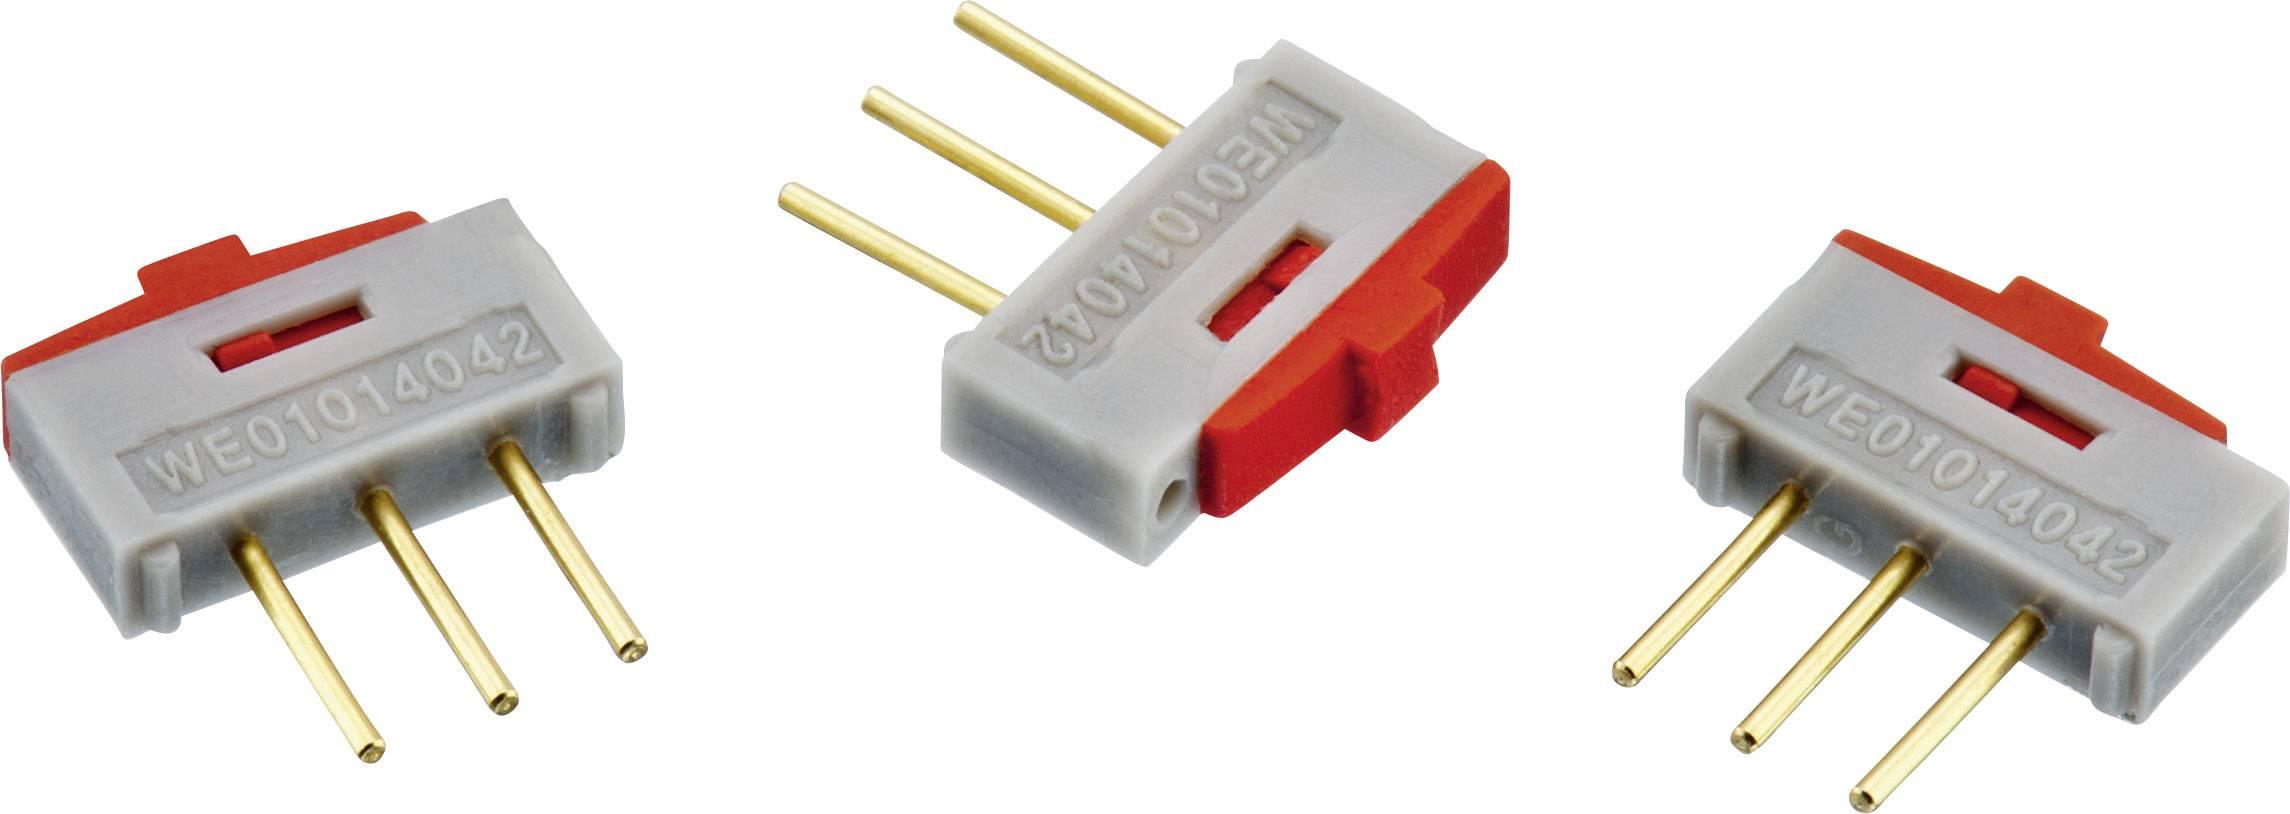 Posuvný prepínač Würth Elektronik 450301014042, 1 zap/zap, 1 ks